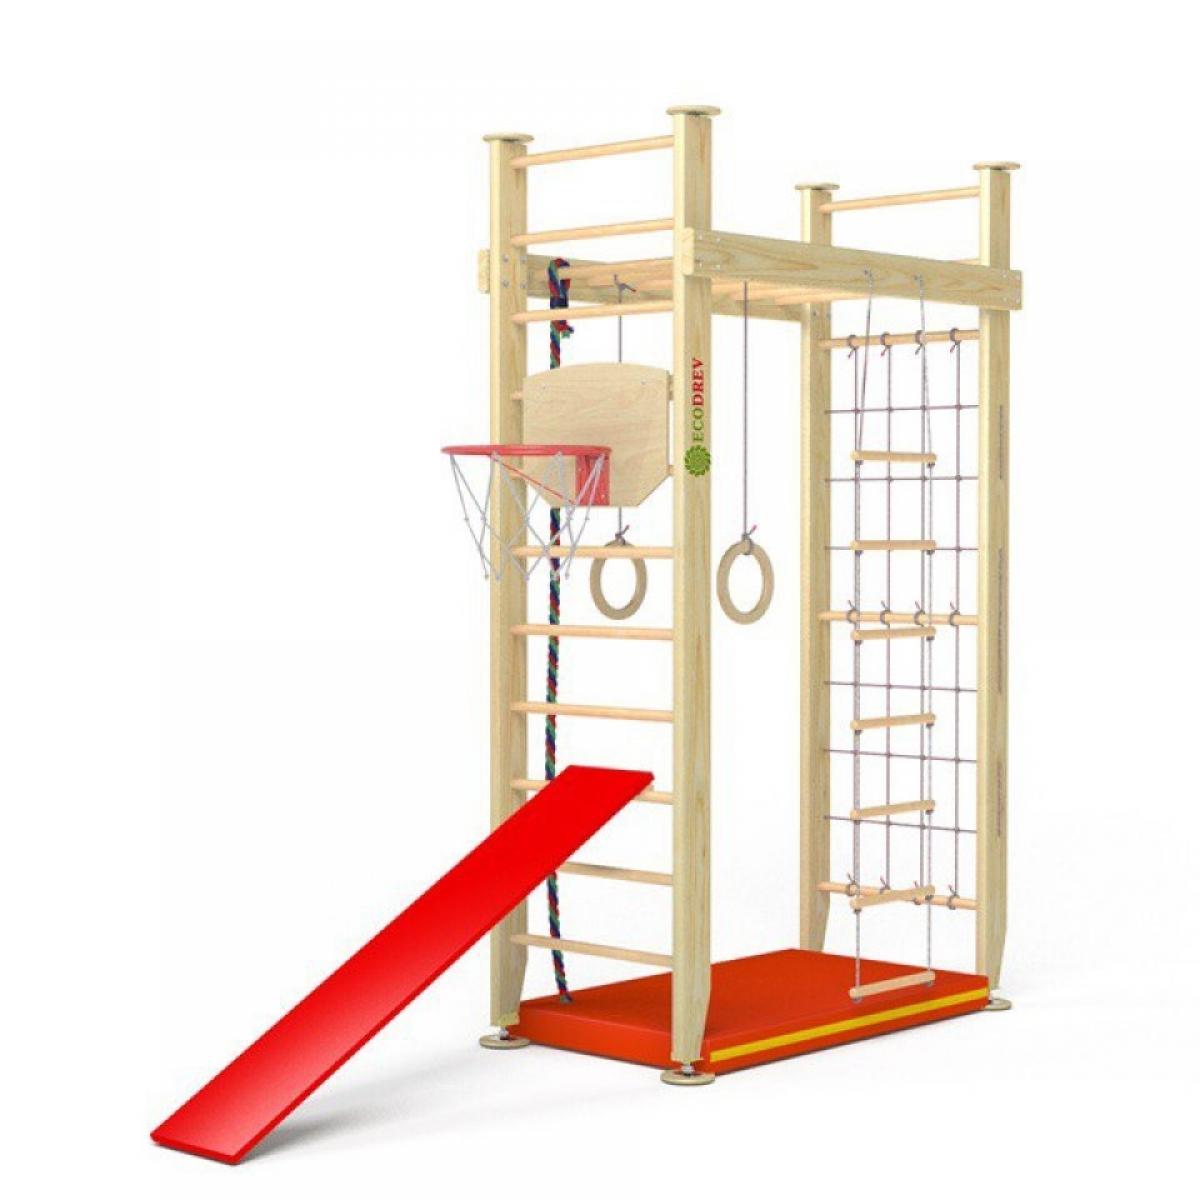 Детский игровой комплекс Крепыш П-образный без турника (враспор)